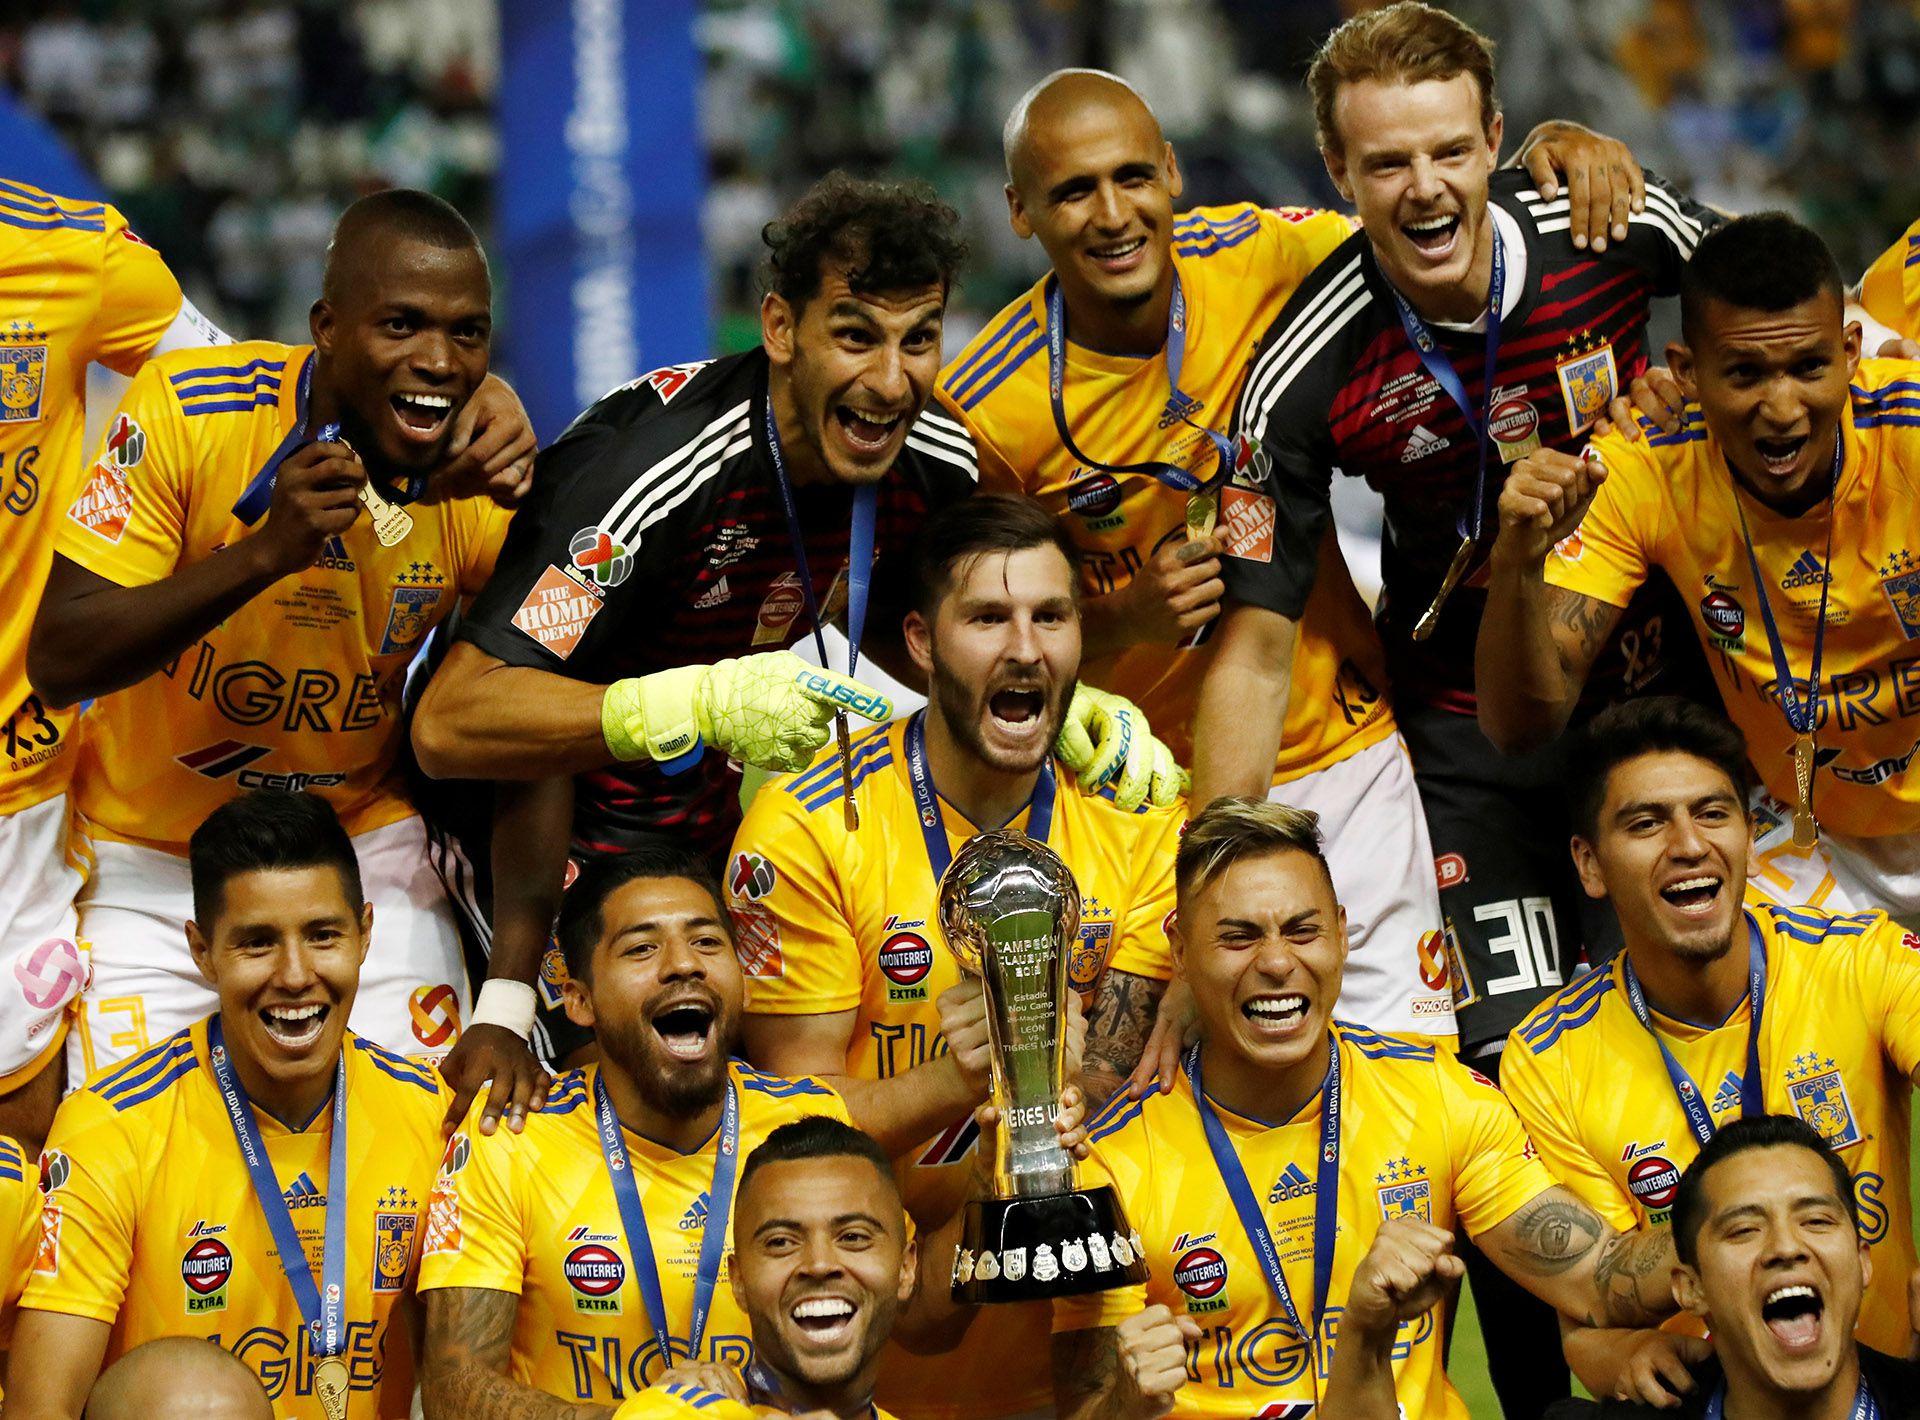 Tigres y Gignac son los actuales campeones del fútbol mexicano; el francés ha ganado cuatro Ligas en cuatro años (Foto:Henry Romero/ Reuters)